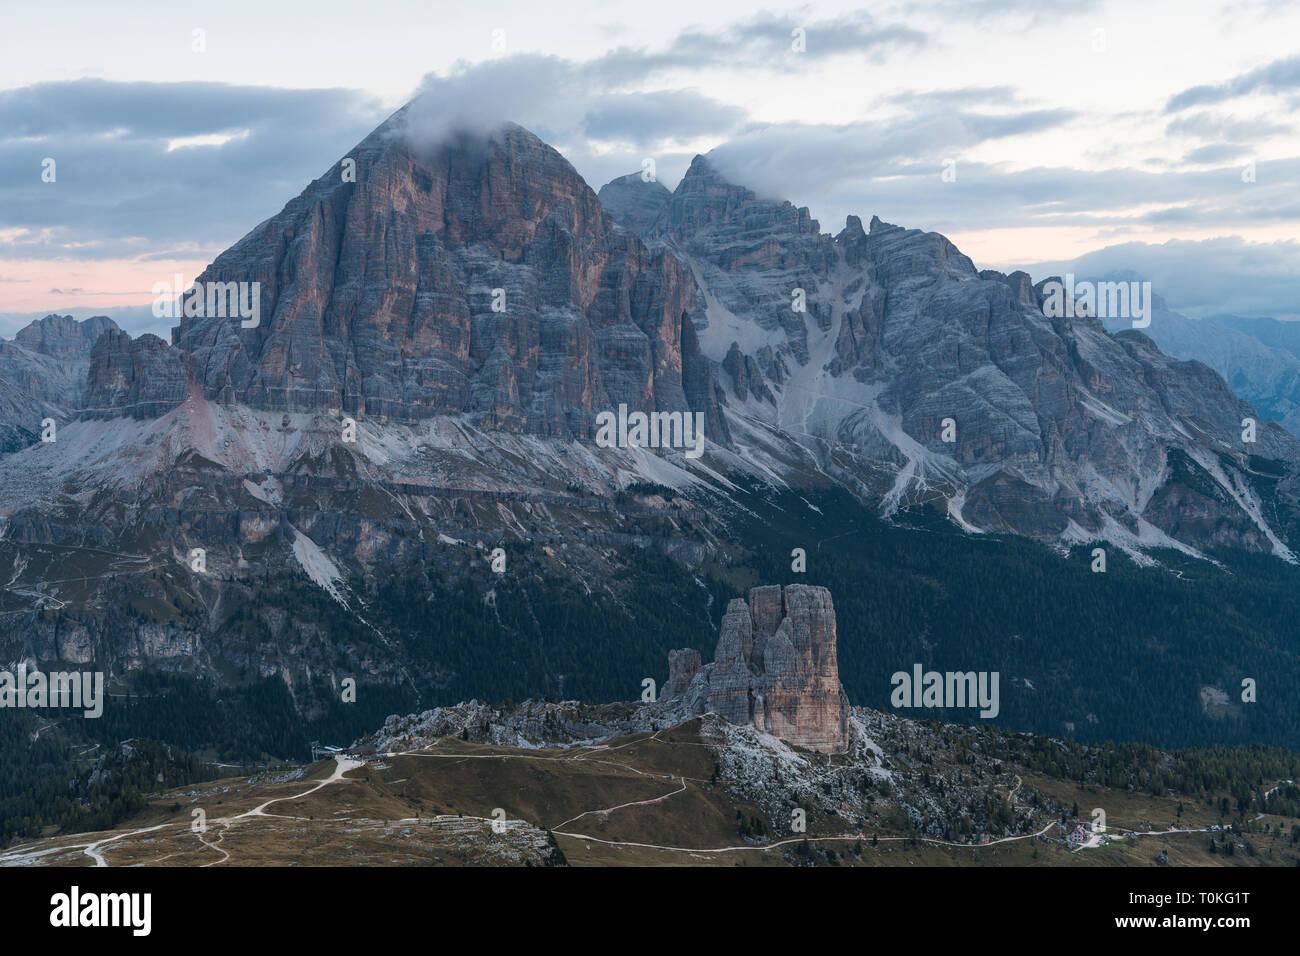 Lever du soleil dans les Dolomites au Rifugio Nuvolau avec vue sur la Tofane et les Cinque Torri, Italie Banque D'Images